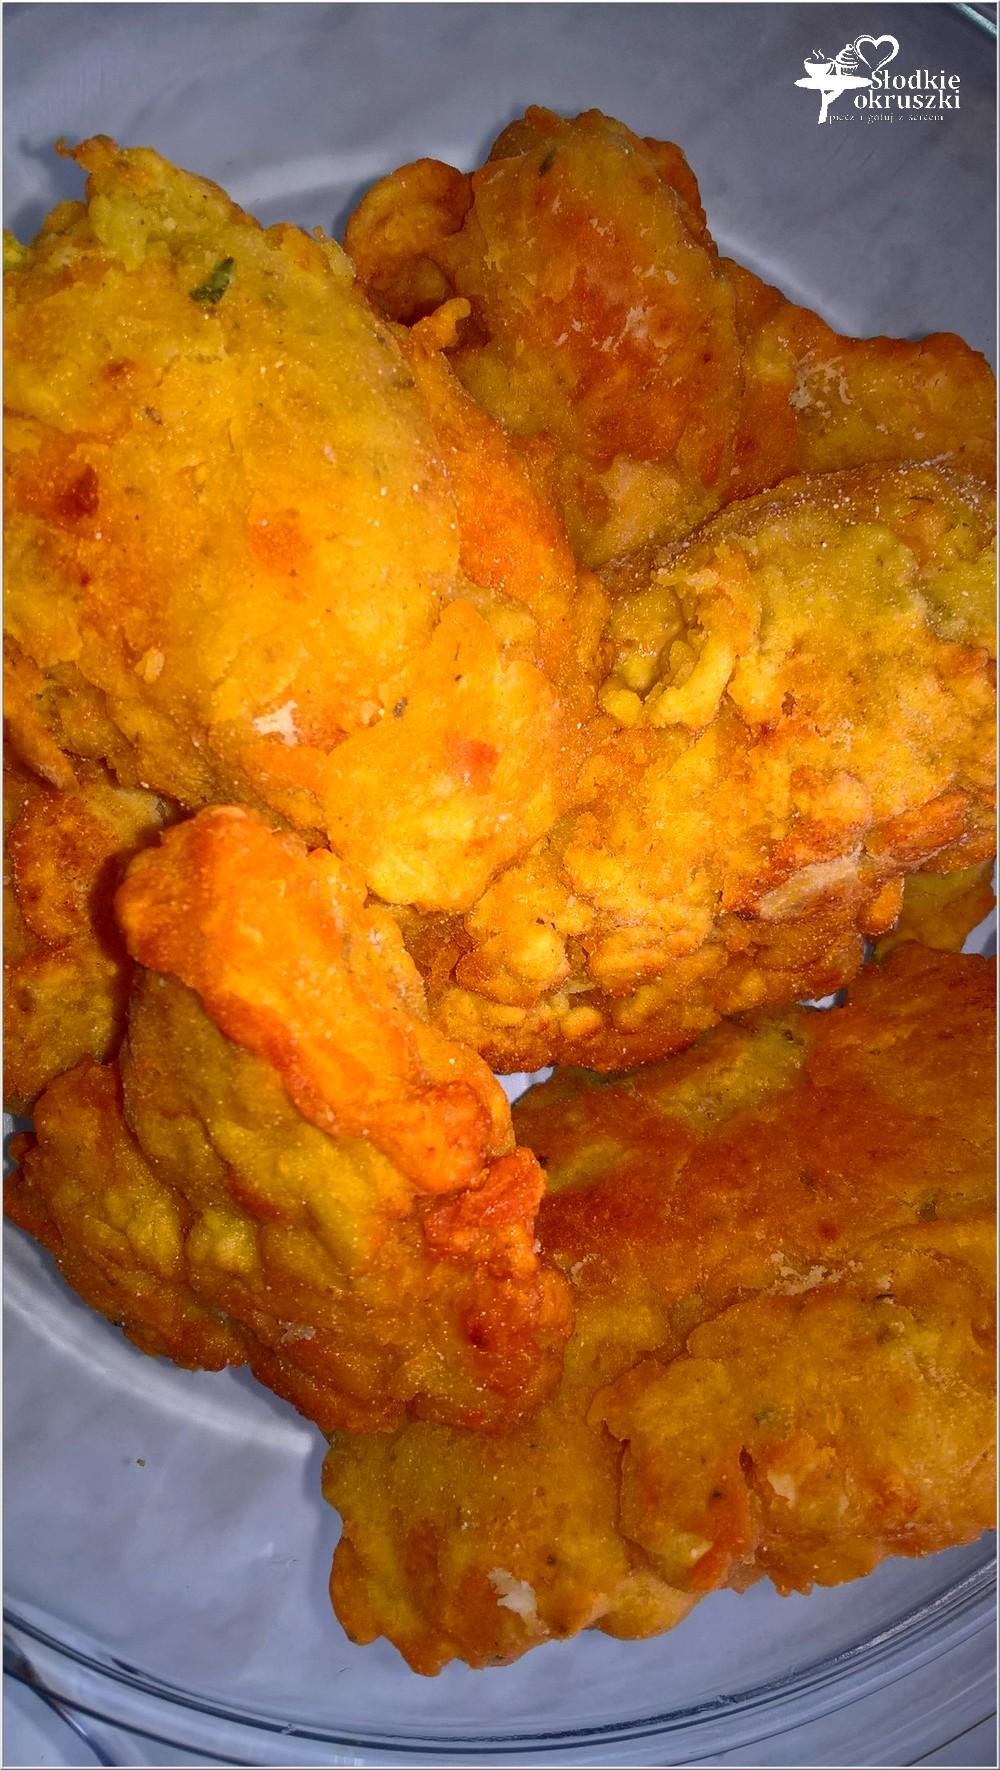 Polędwiczki z kurczaka w chrupiącej panierce (3)